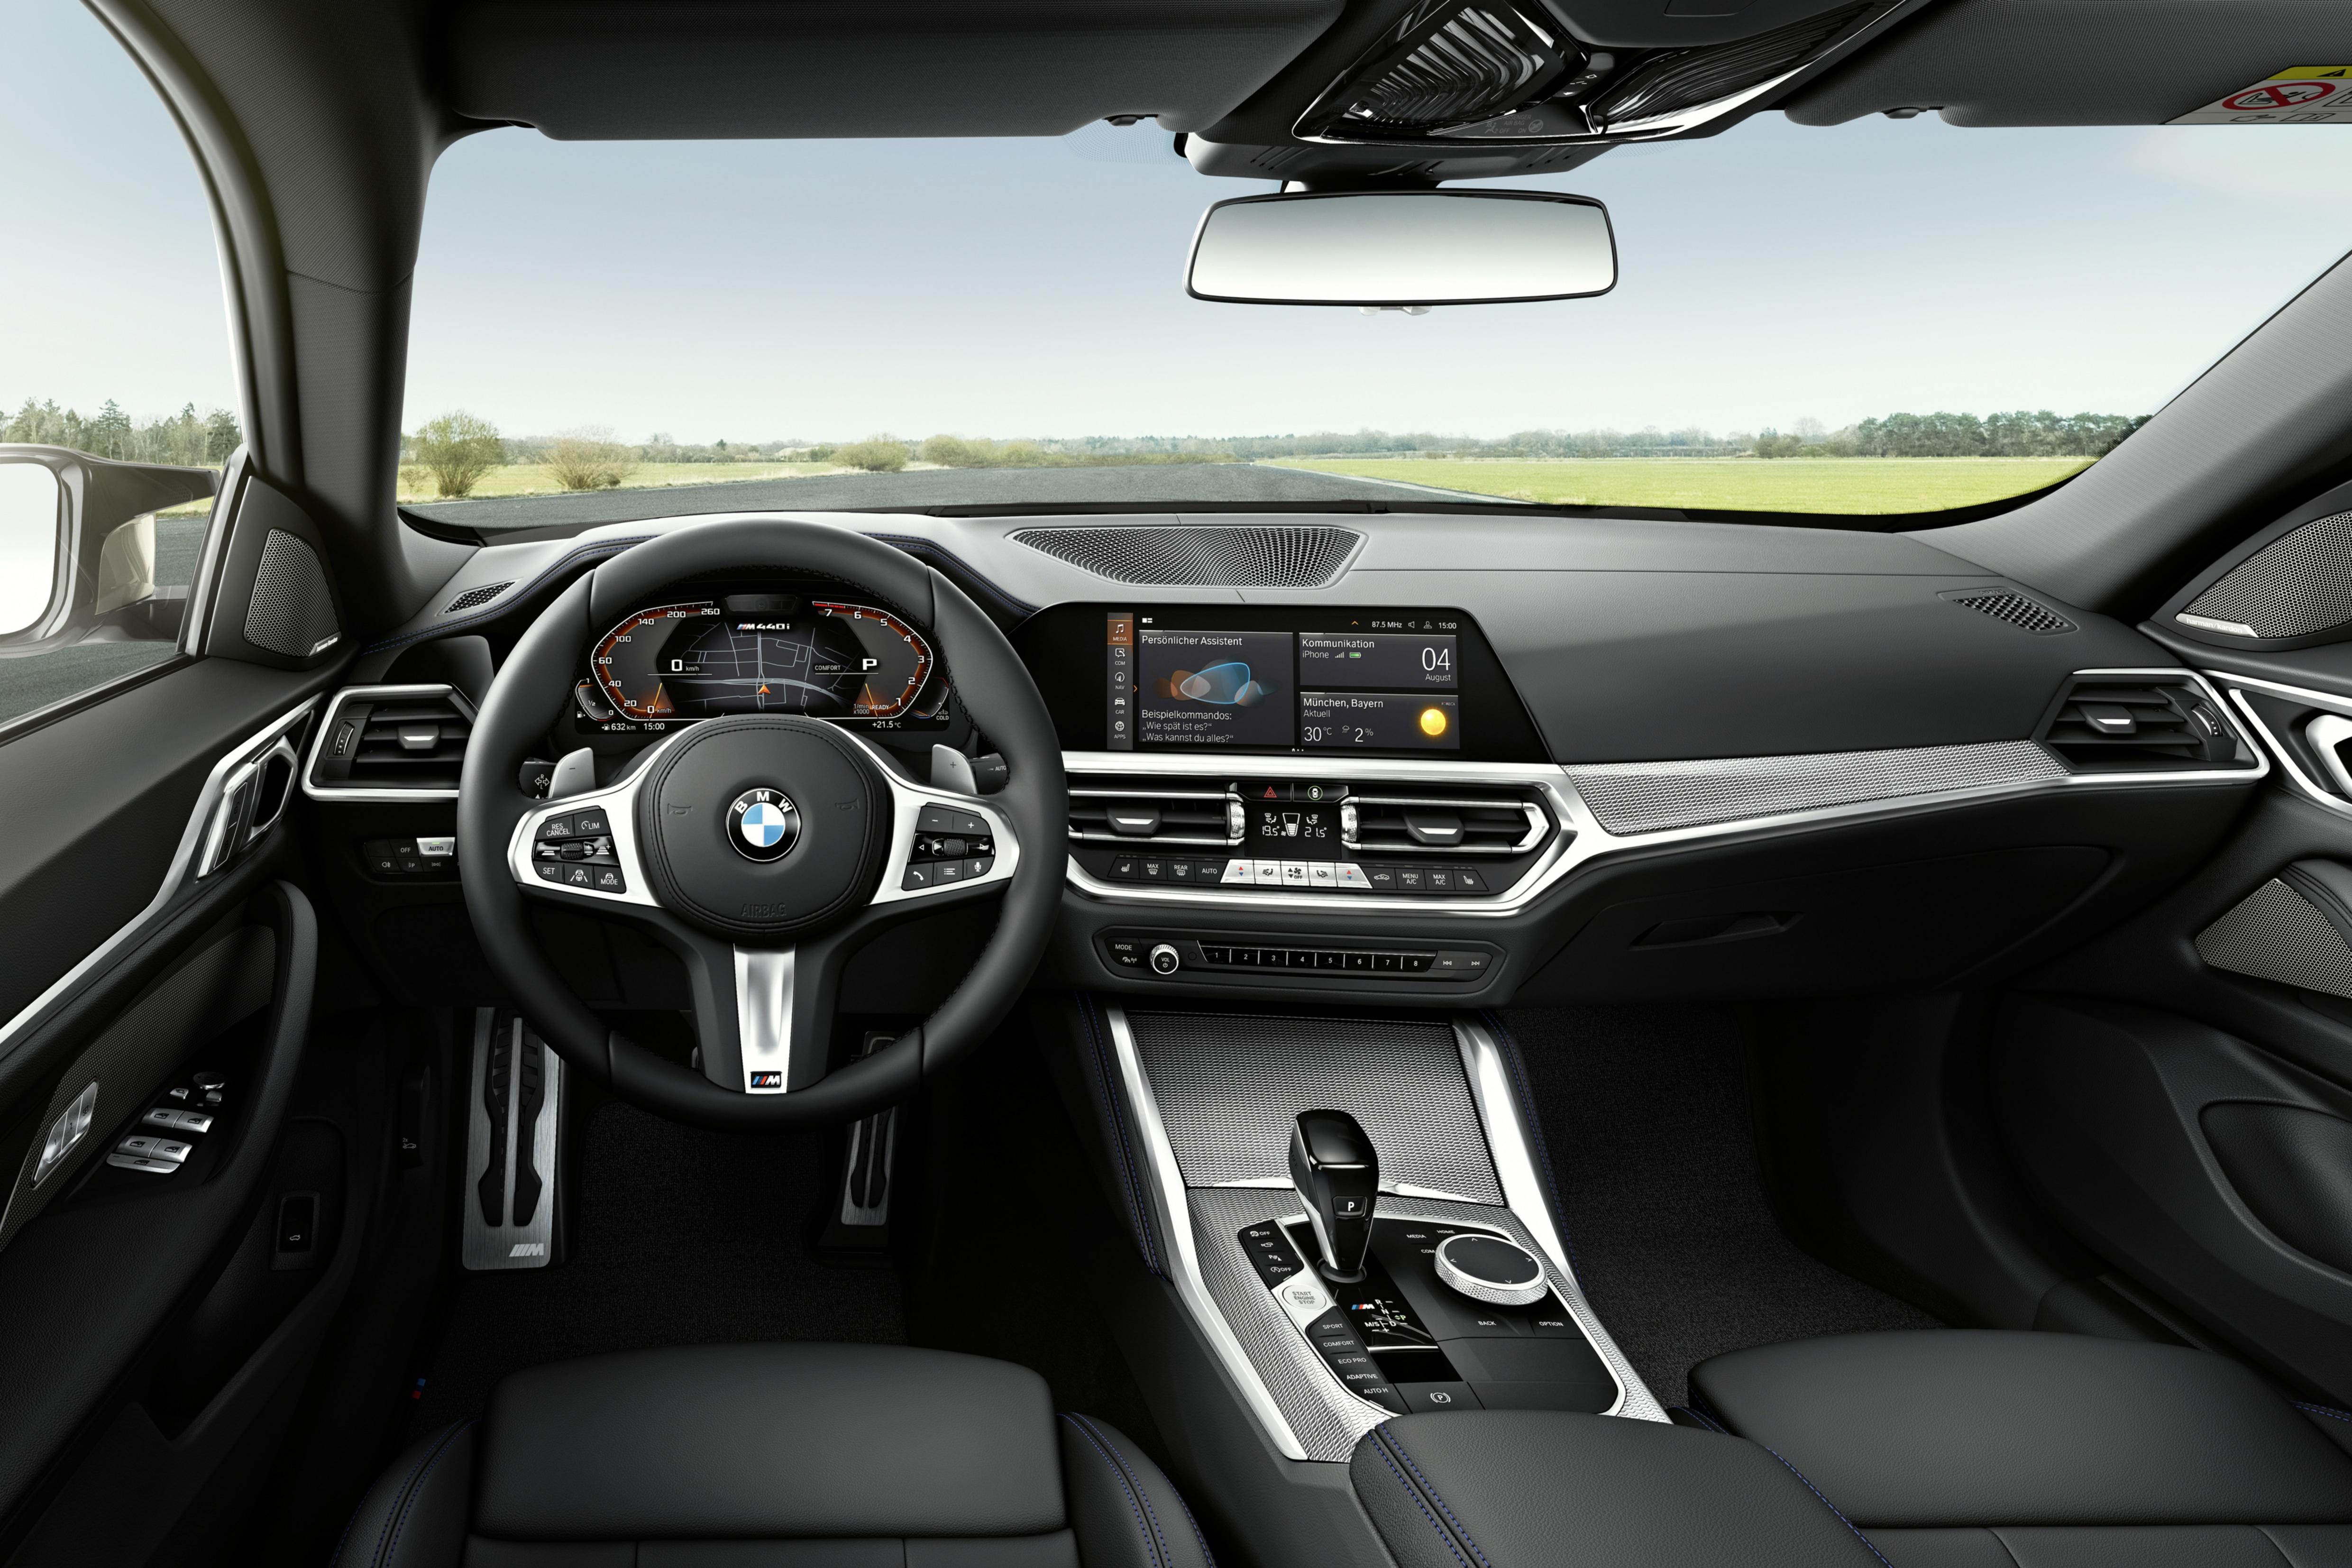 El interior del BMW Serie 4 Gran Coupé cuenta con un panel de instrumentos totalmente digital de 12,3 pulgadas y una pantalla táctil de 8,8 pulgadas.